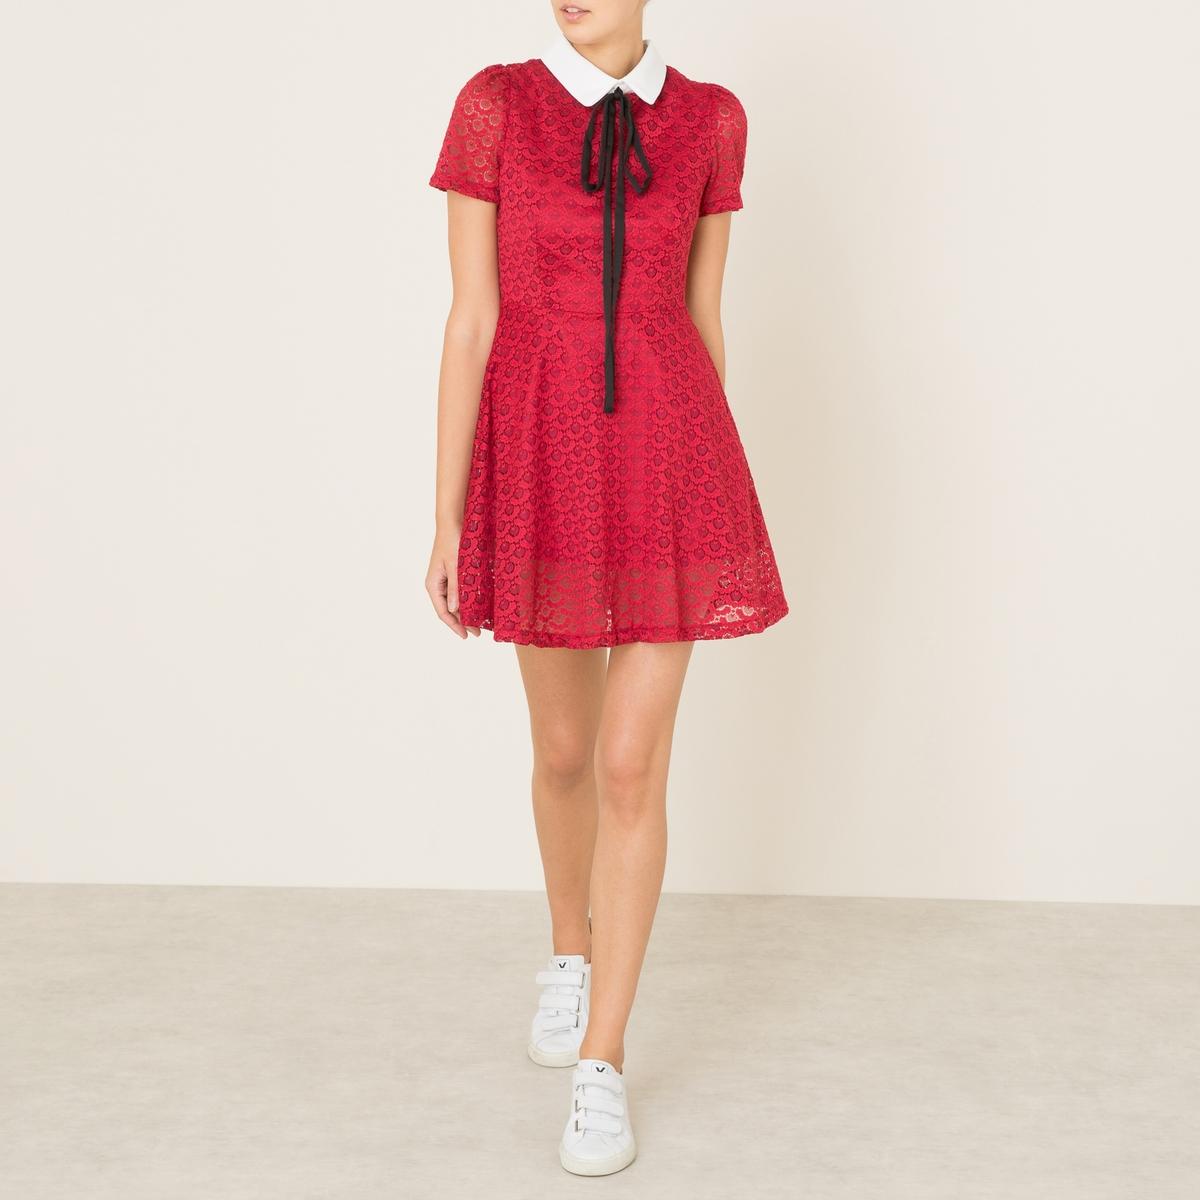 Платье кружевноеСостав и описание    Материал : 92% нейлона, 8% эластанаПодкладка : 100% полиэстер   Длина : по центру спинки ок. 80 см. (для размера S)   Марка : SISTER JANE<br><br>Цвет: красный<br>Размер: S